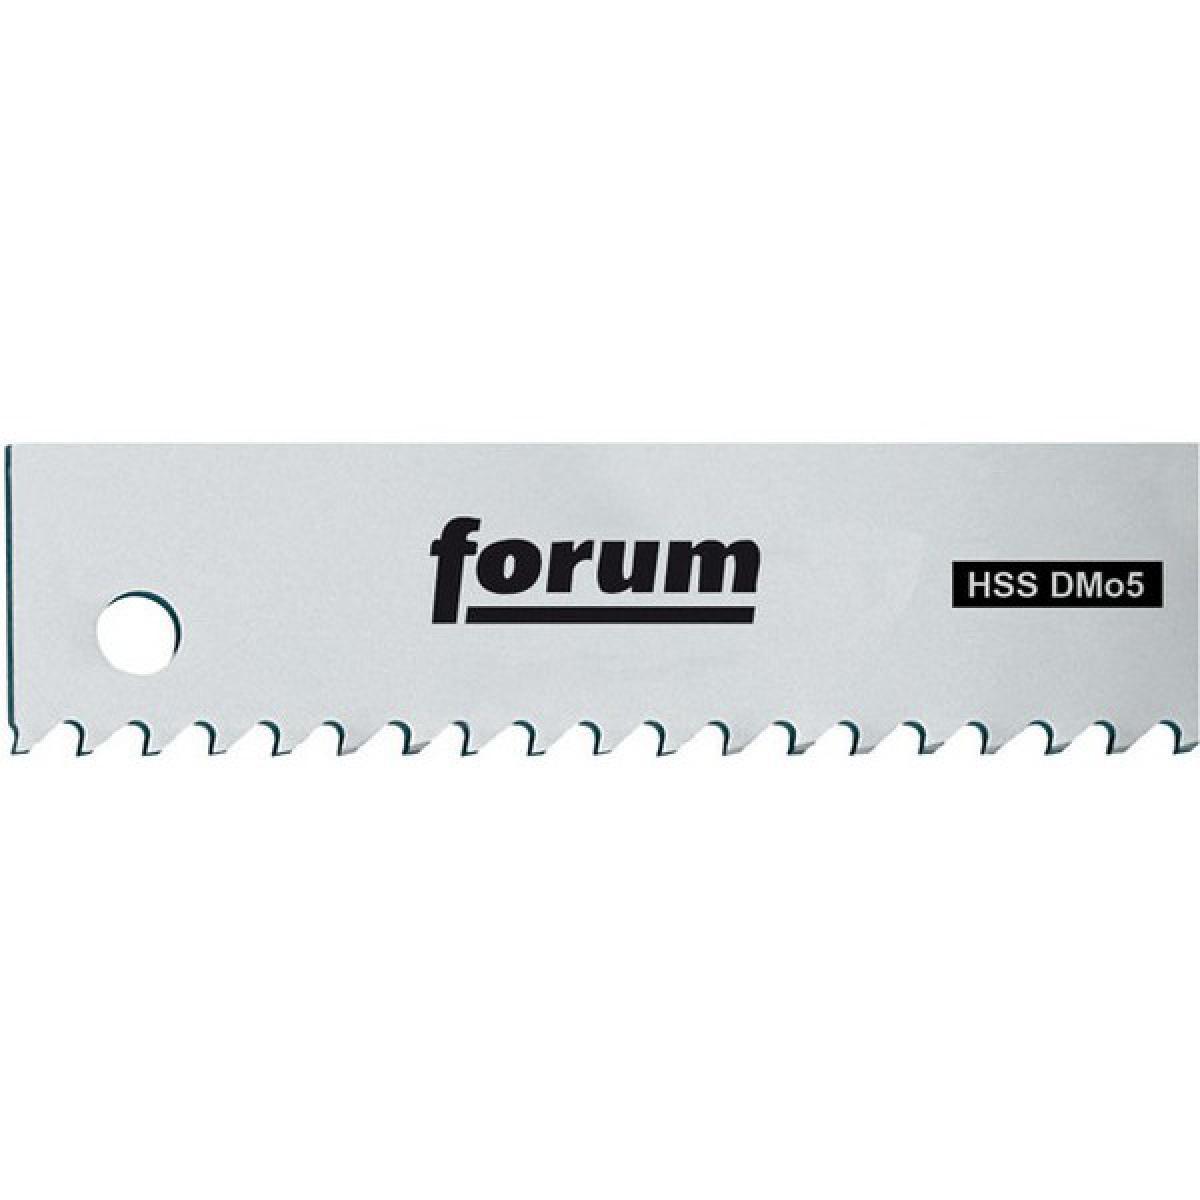 Forum Lame de scie alternative, Long. : 550 mm, Larg. : 45 mm, Épais. : 2 mm, Dents par pouce : 4